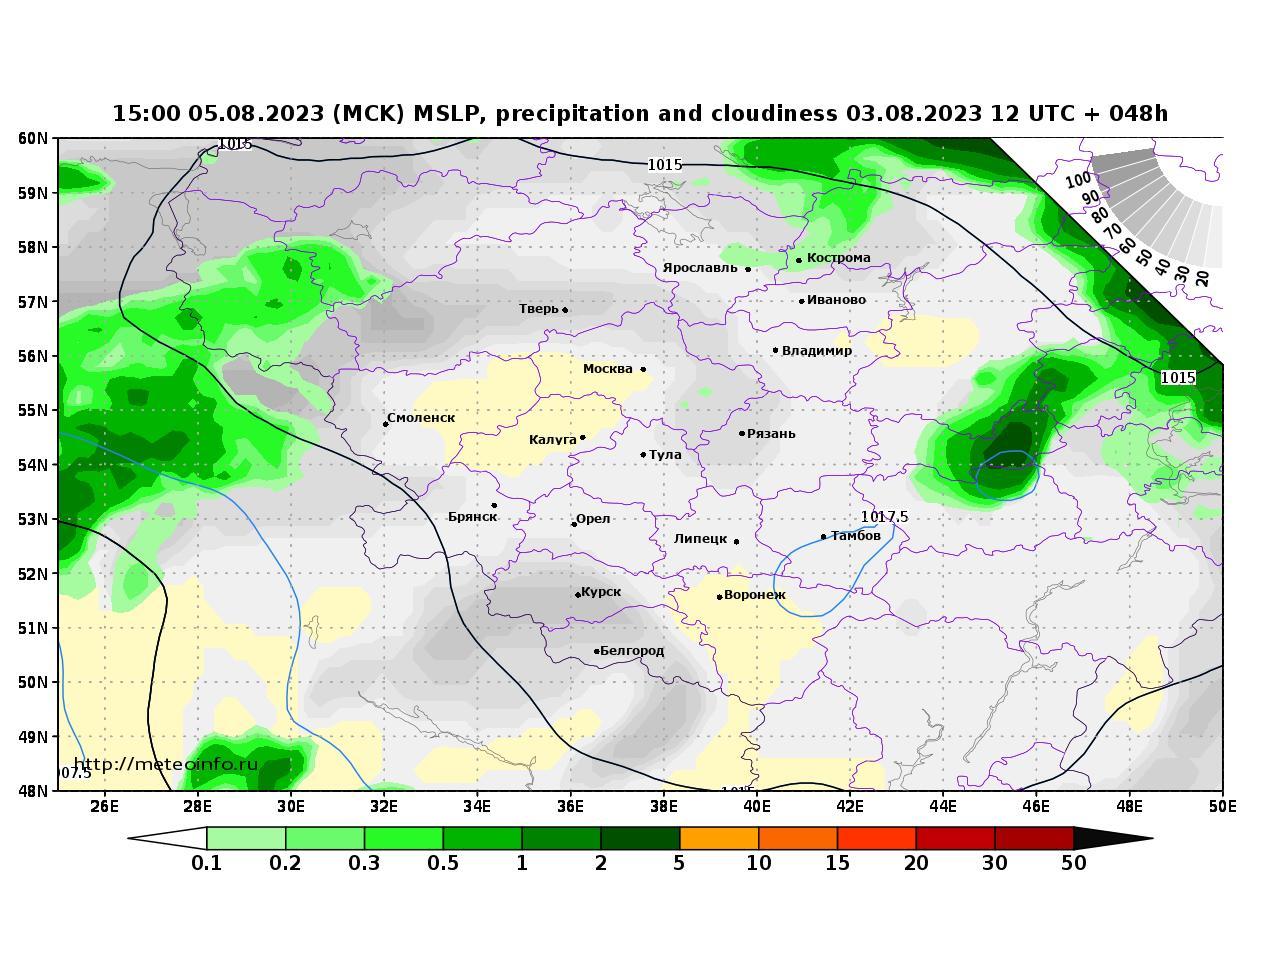 Центральный Федеральный округ, прогностическая карта осадки и давление, заблаговременность прогноза 48 часов